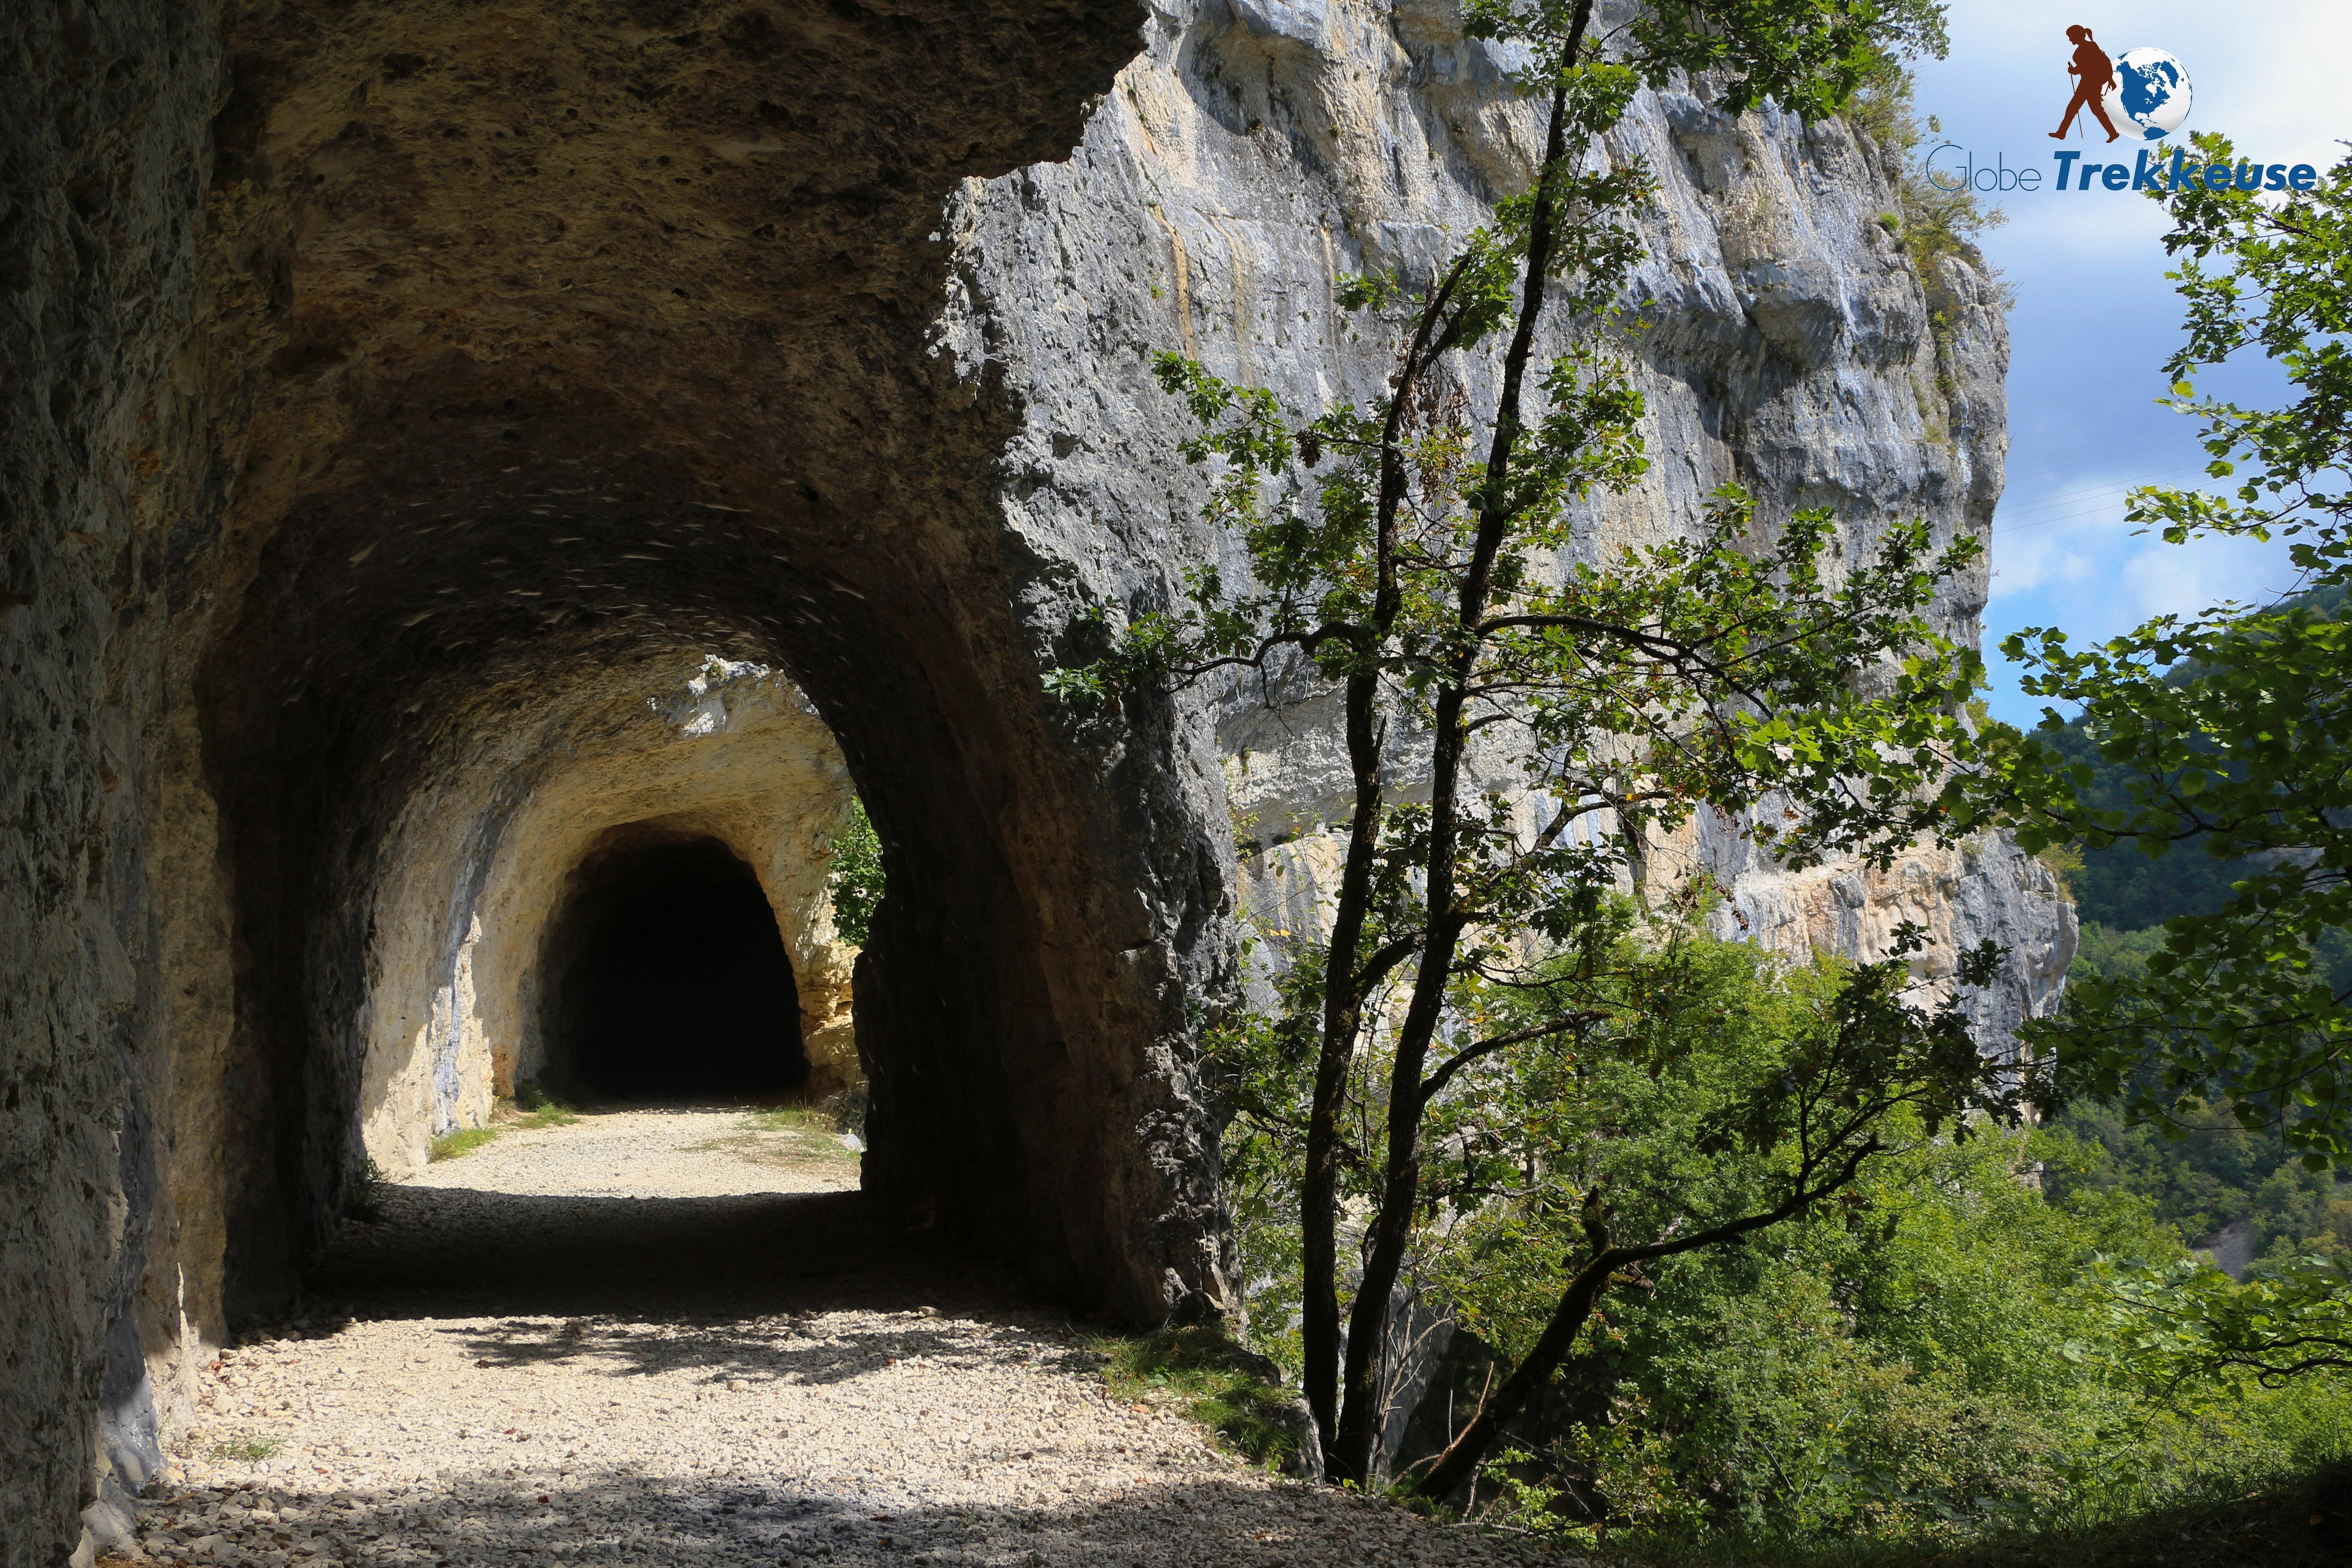 randonnée autour de lyon bugey tunnel